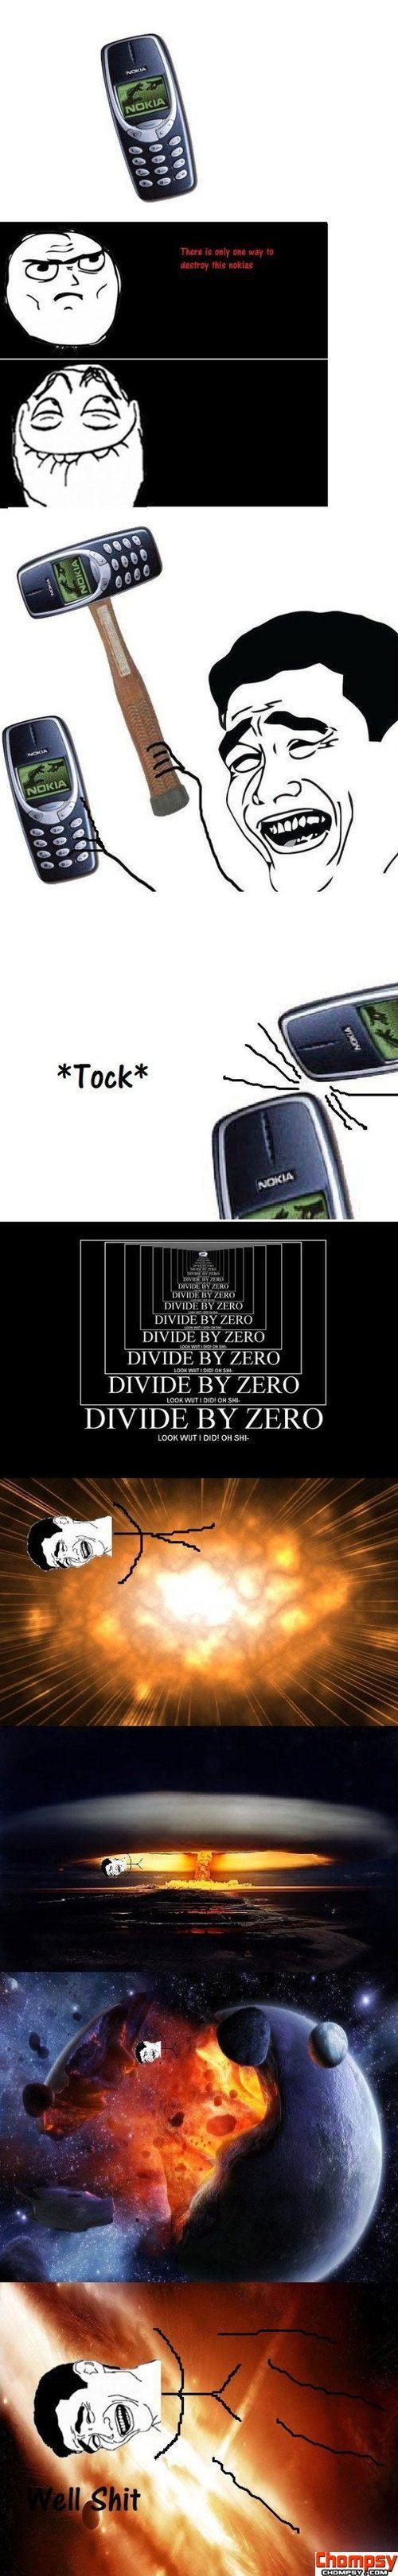 Nokia 3310 MEME 5